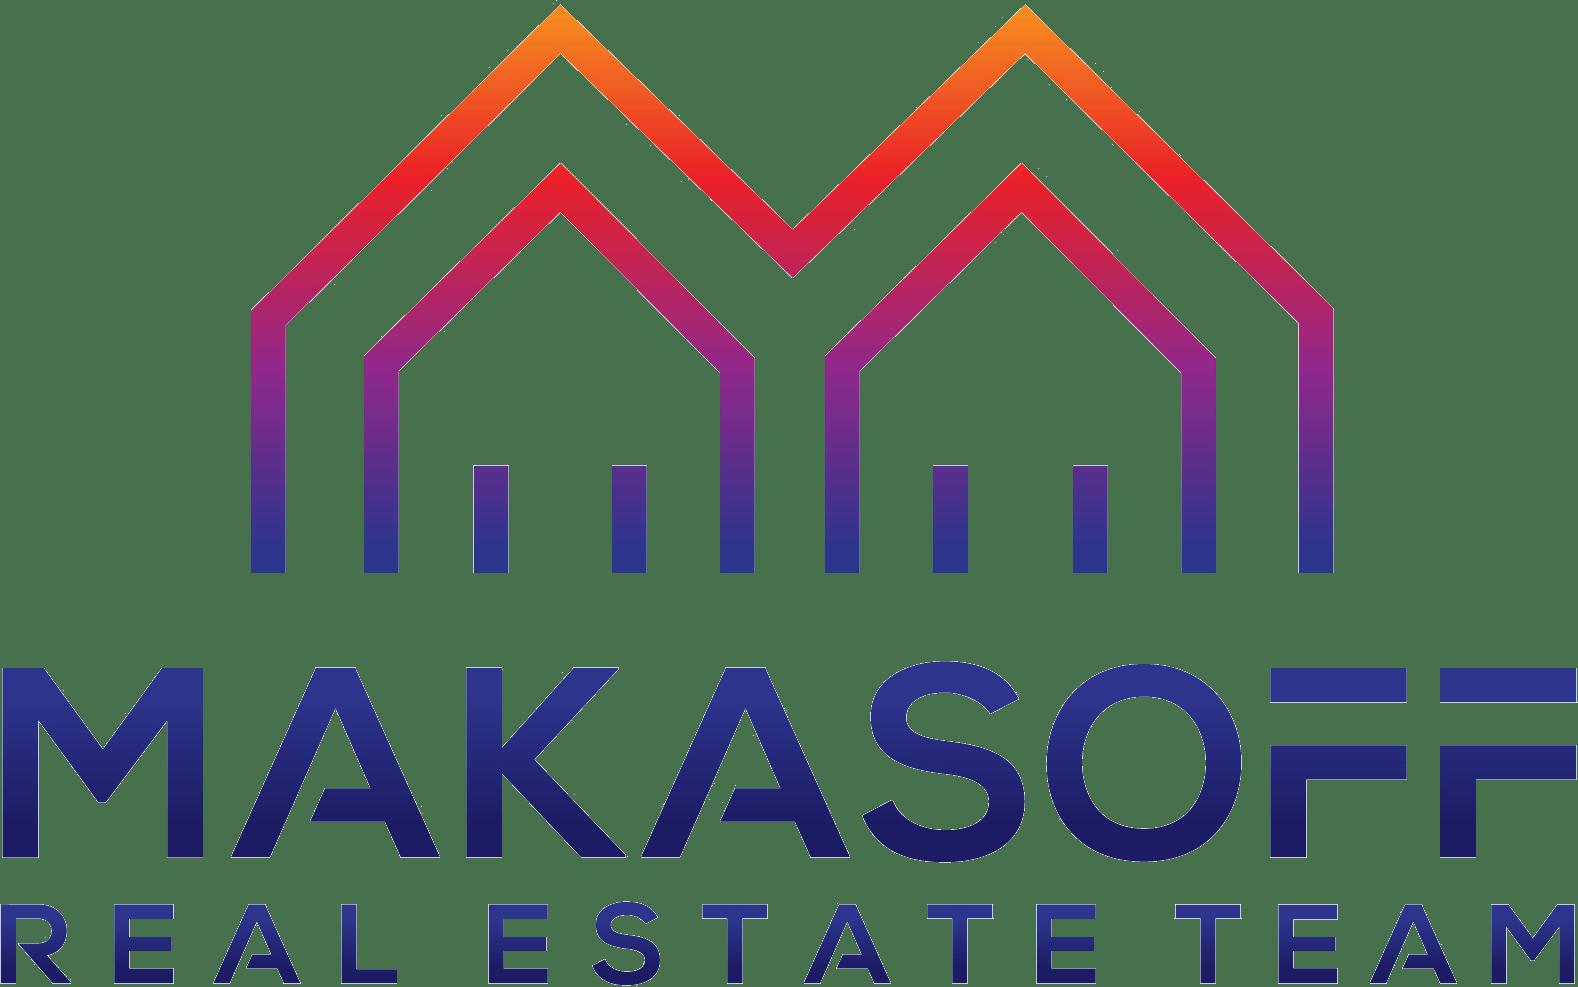 Makasoff Real Estate